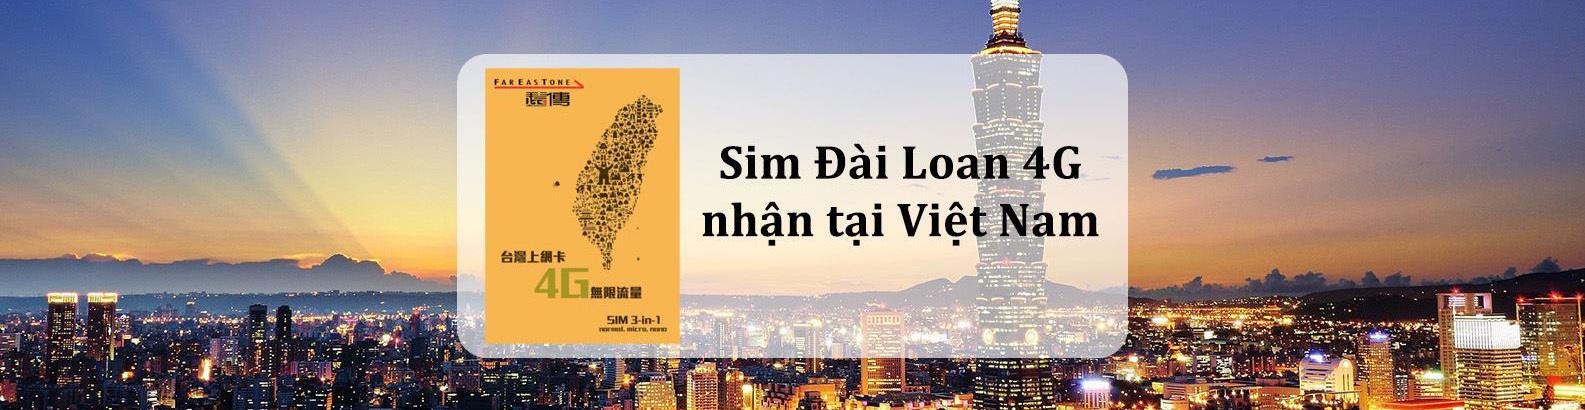 sim-4g-dai-loan-nhan-tai-viet-nam